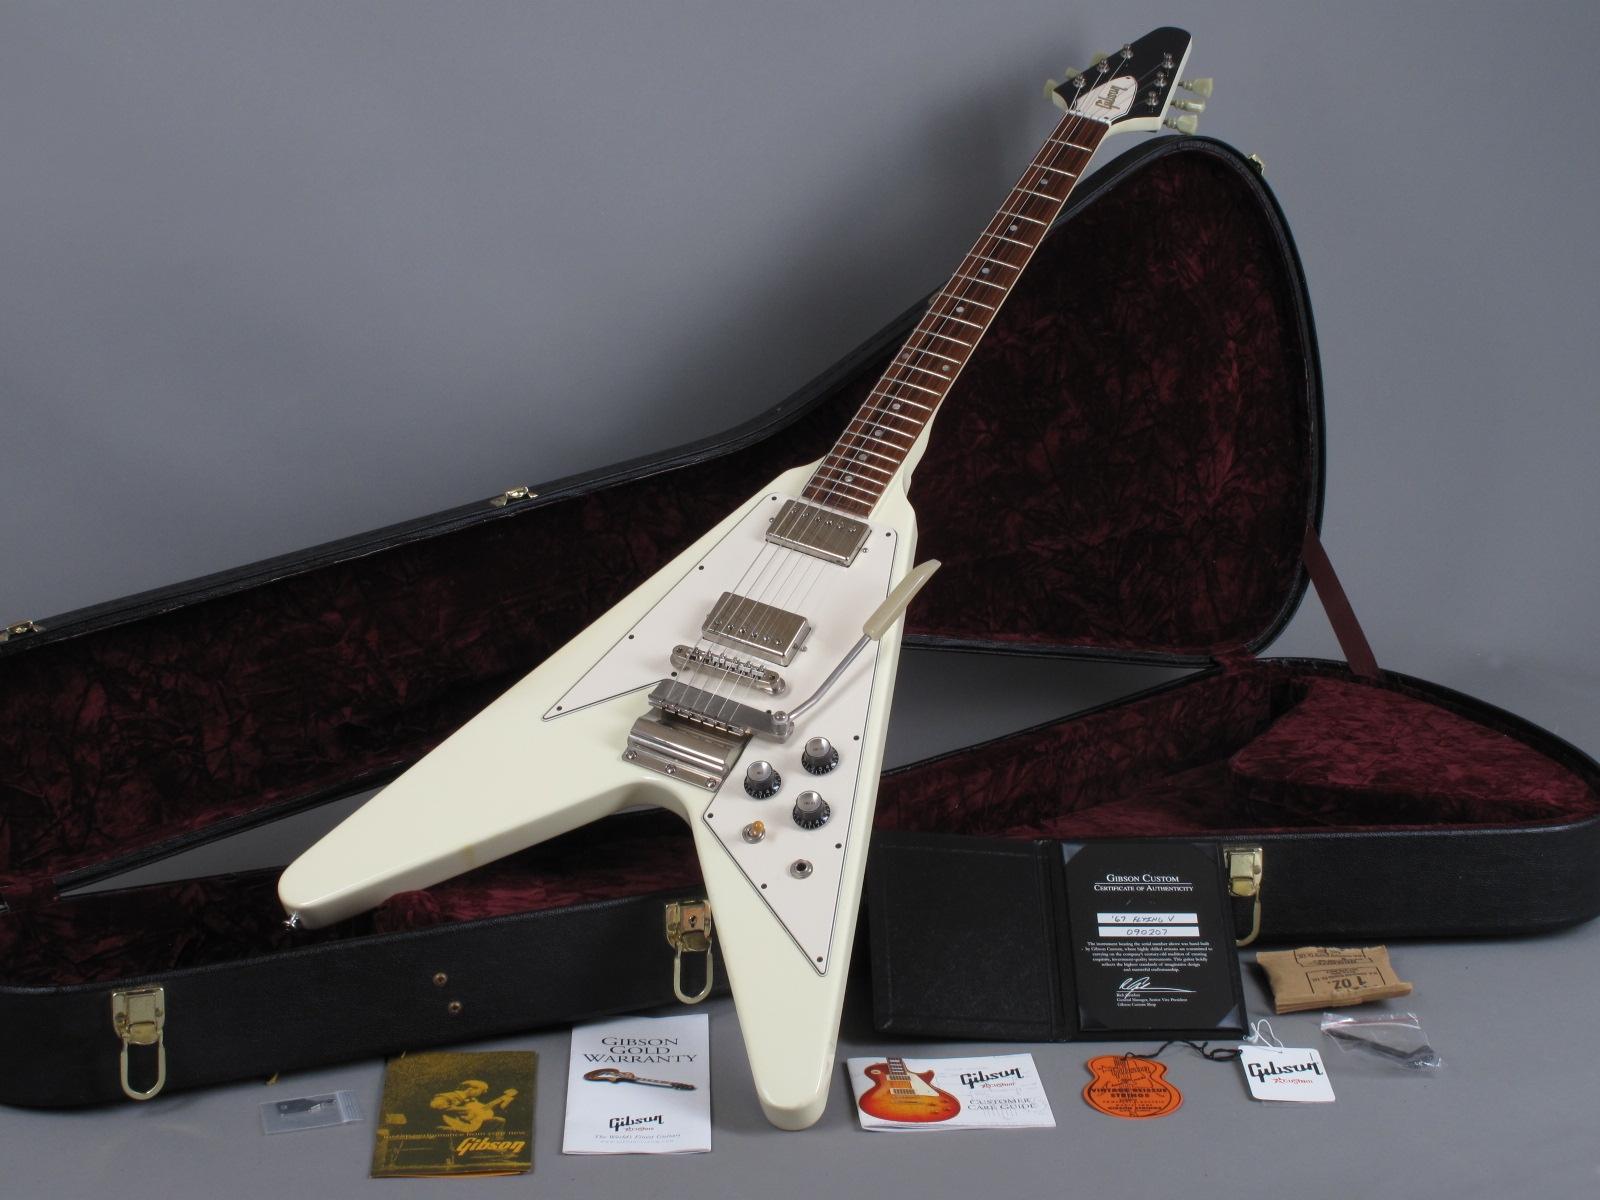 https://guitarpoint.de/app/uploads/products/2009-gibson-67-flying-v-reissue-white/2009-Gibson-67-Flying-V-White-090207_16.jpg